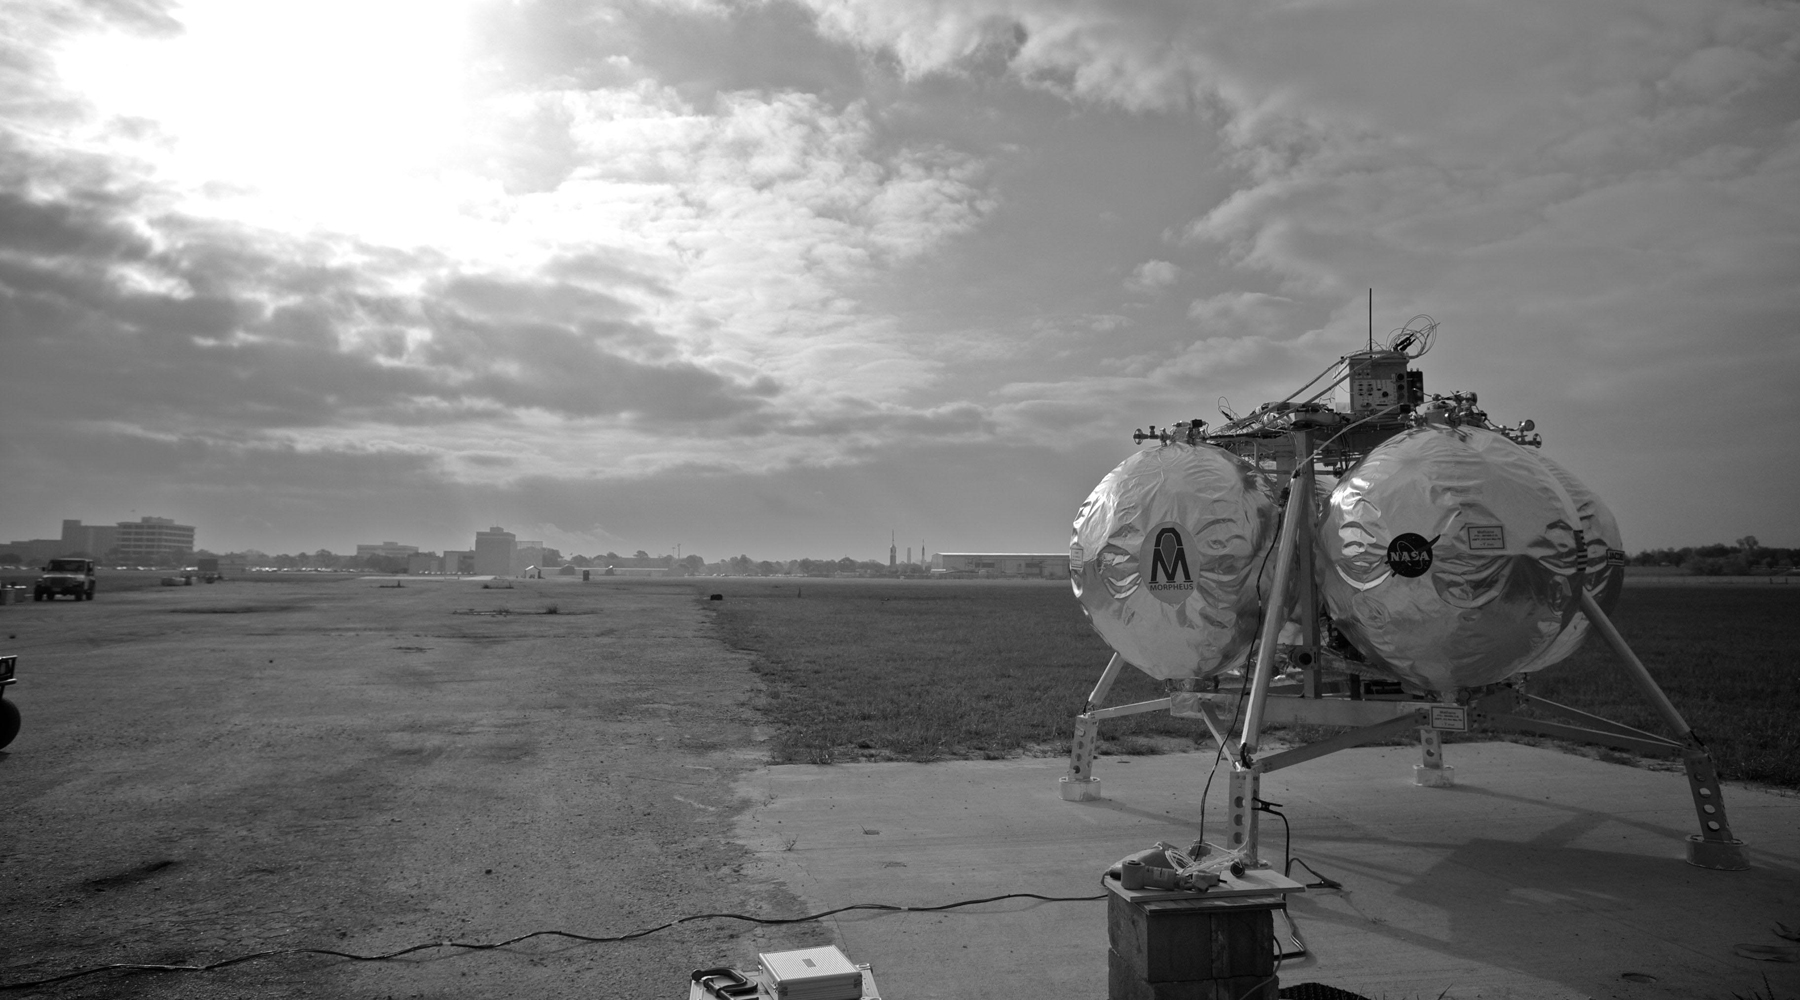 74 секунды из жизни посадочного модуля NASA Morpheus